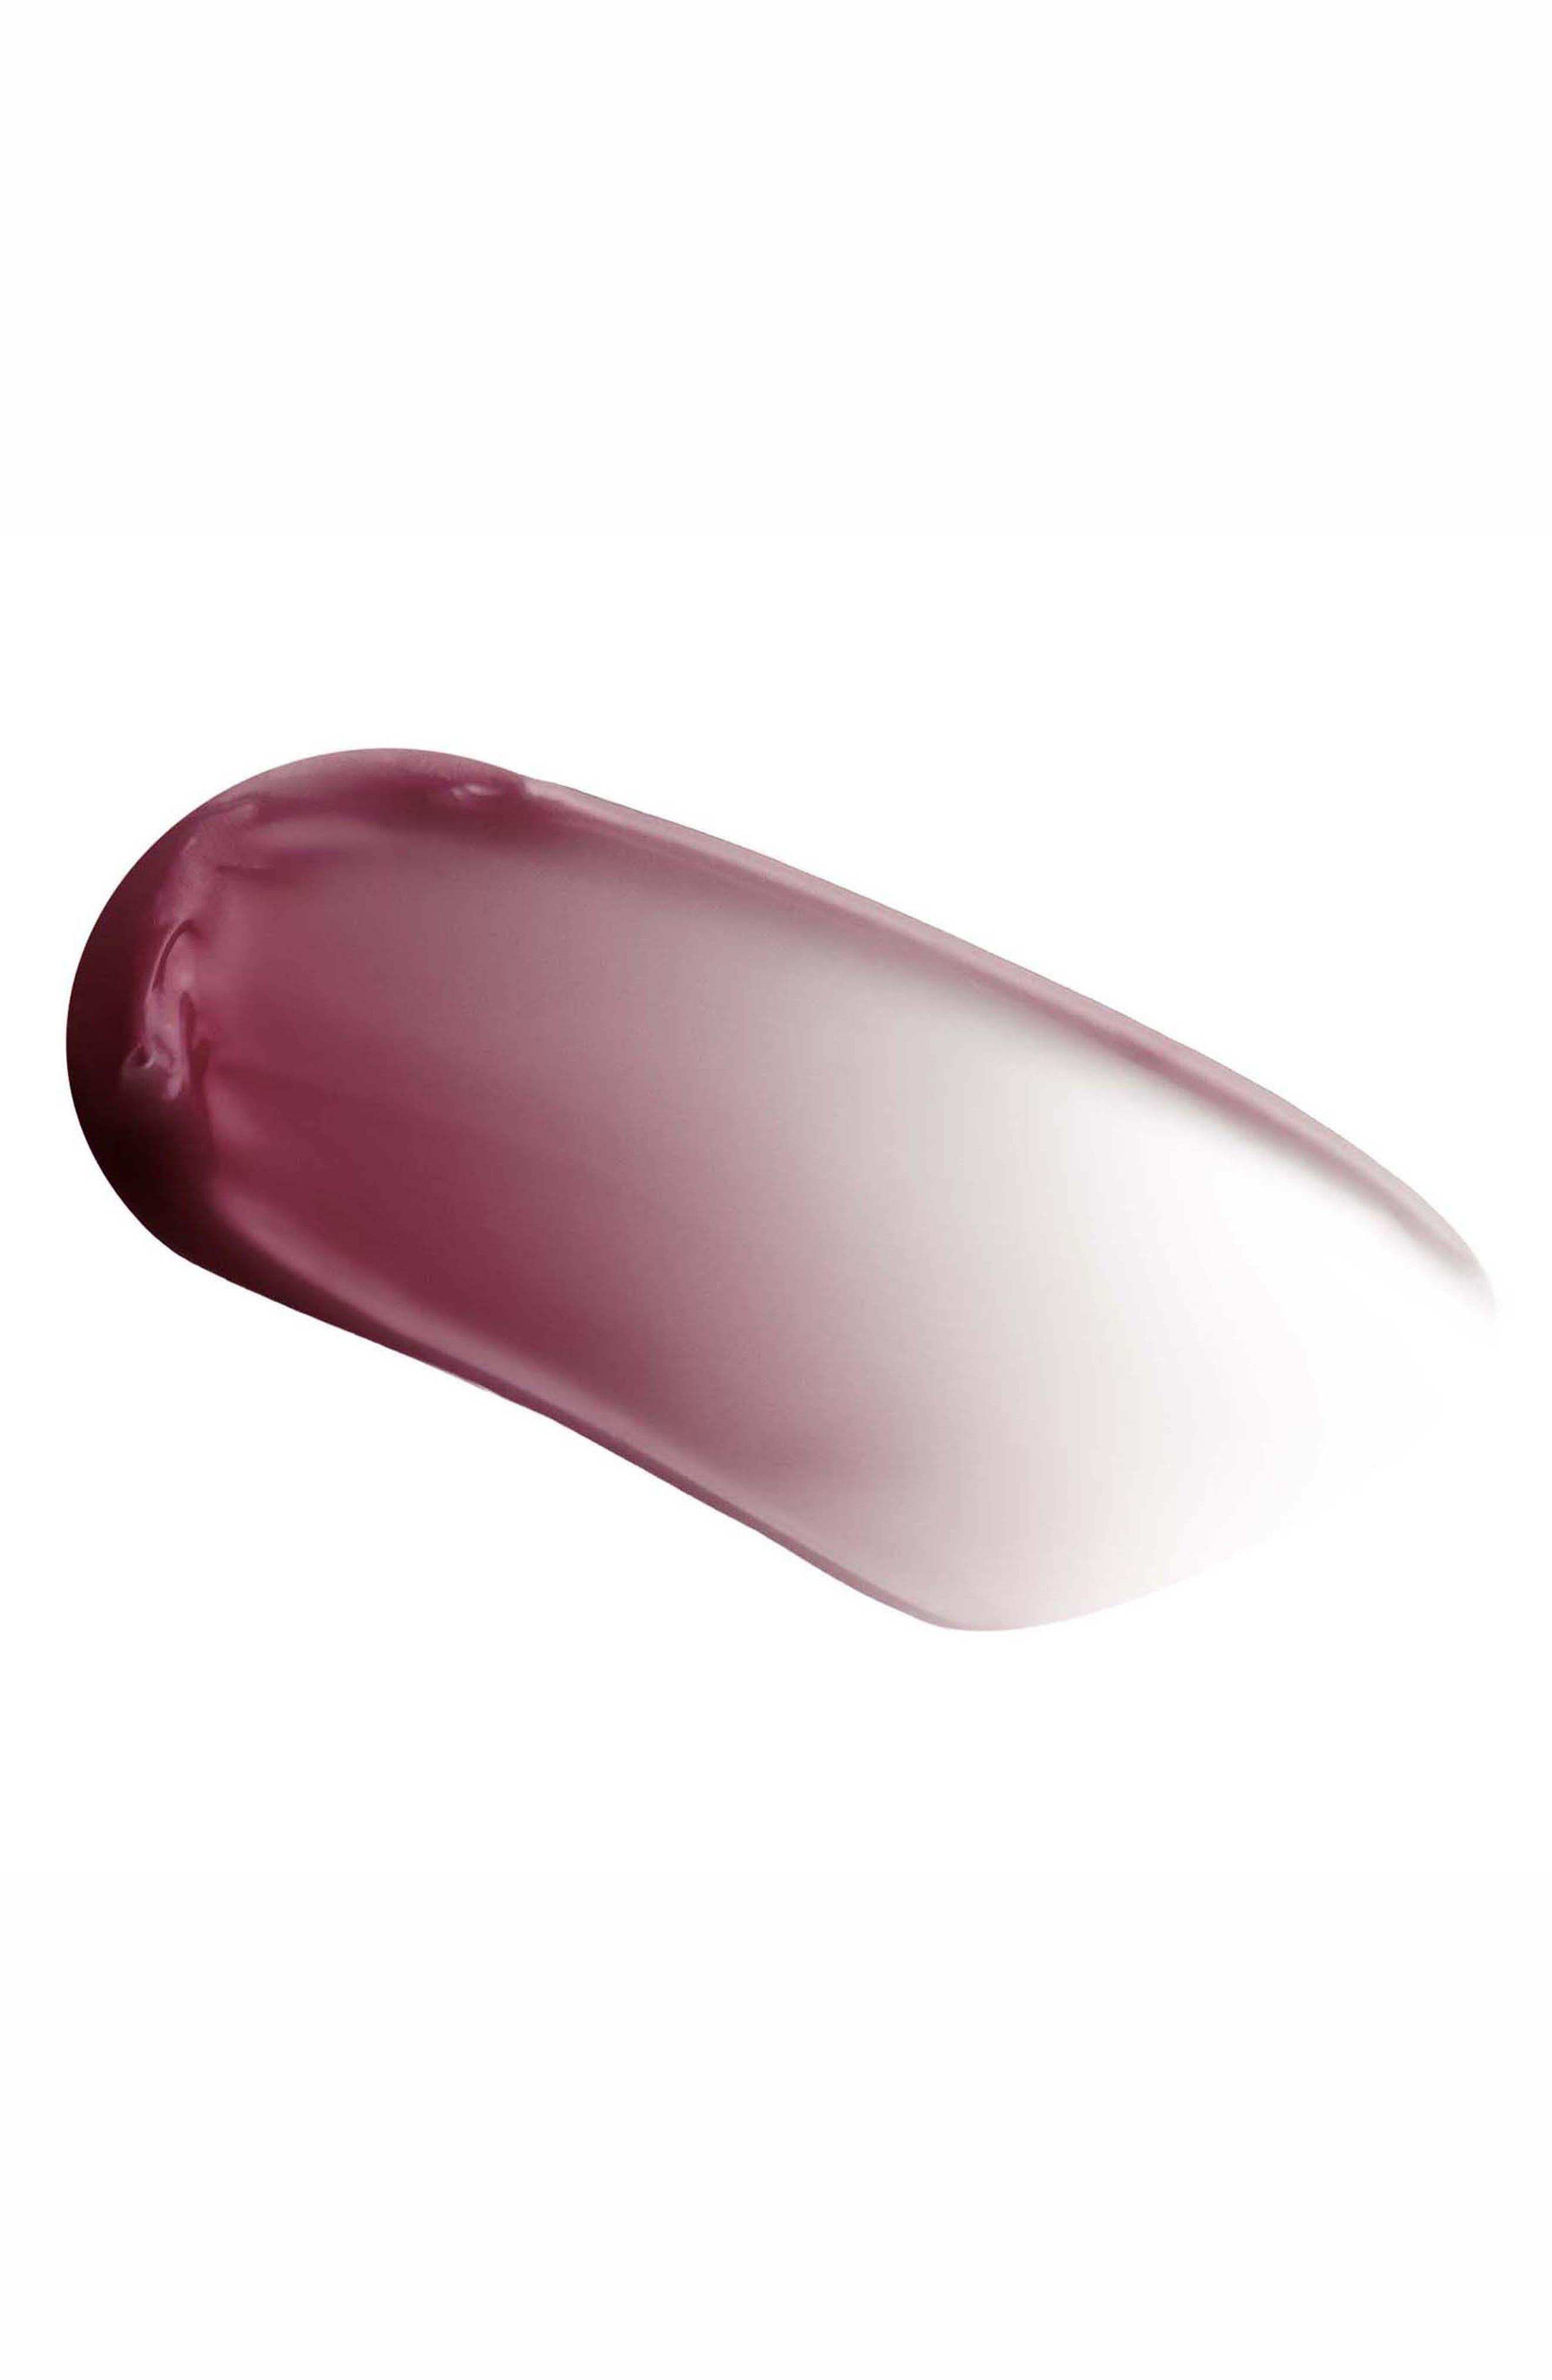 SPACE.NK.apothecary Lipstick Queen Belle Epoque Lip Balm,                             Alternate thumbnail 2, color,                             Belle Wine